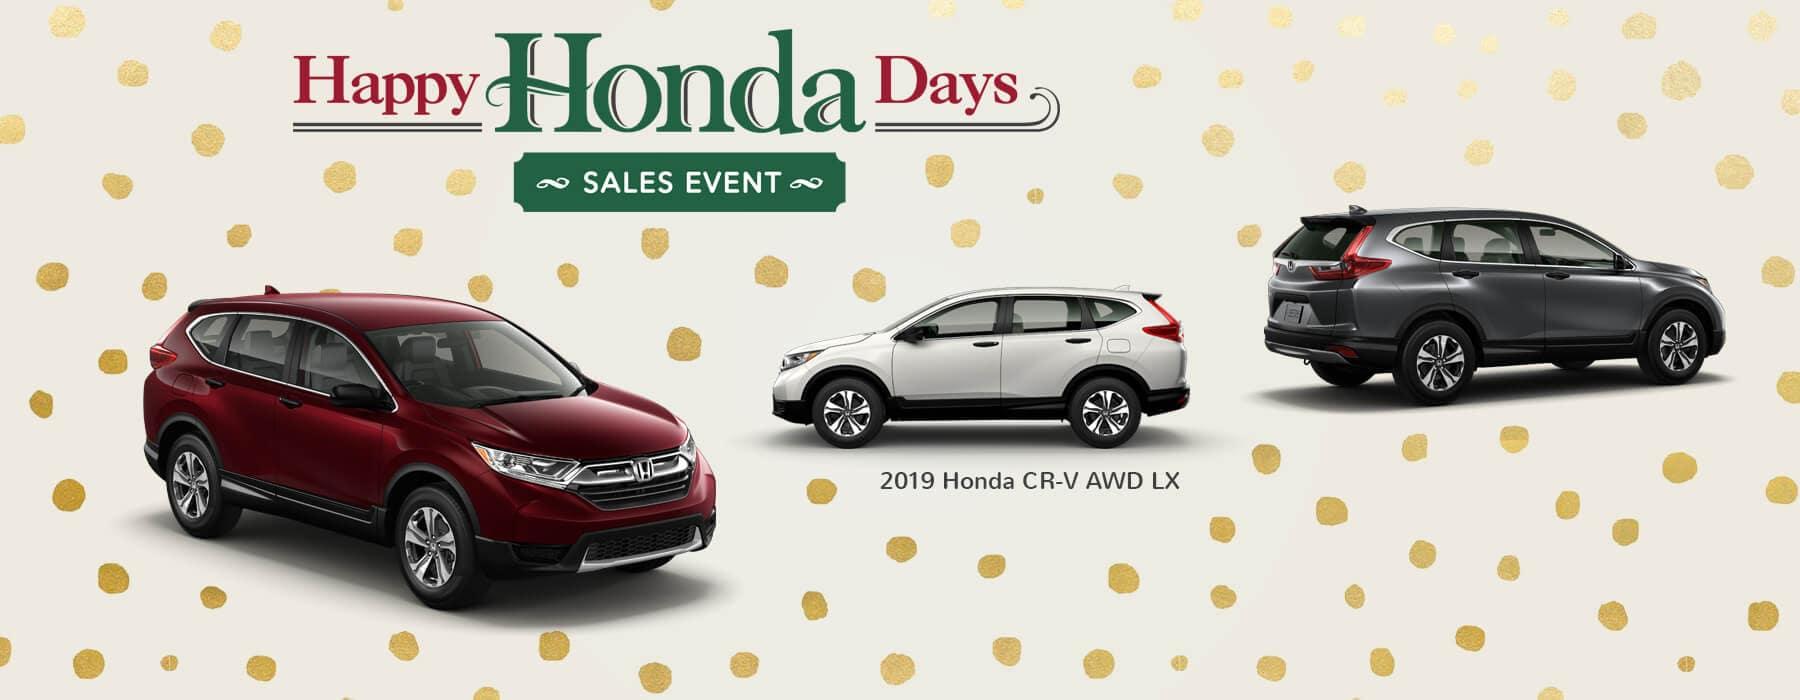 Happy Honda Days Sales Event 2019 Honda CR-V Slider